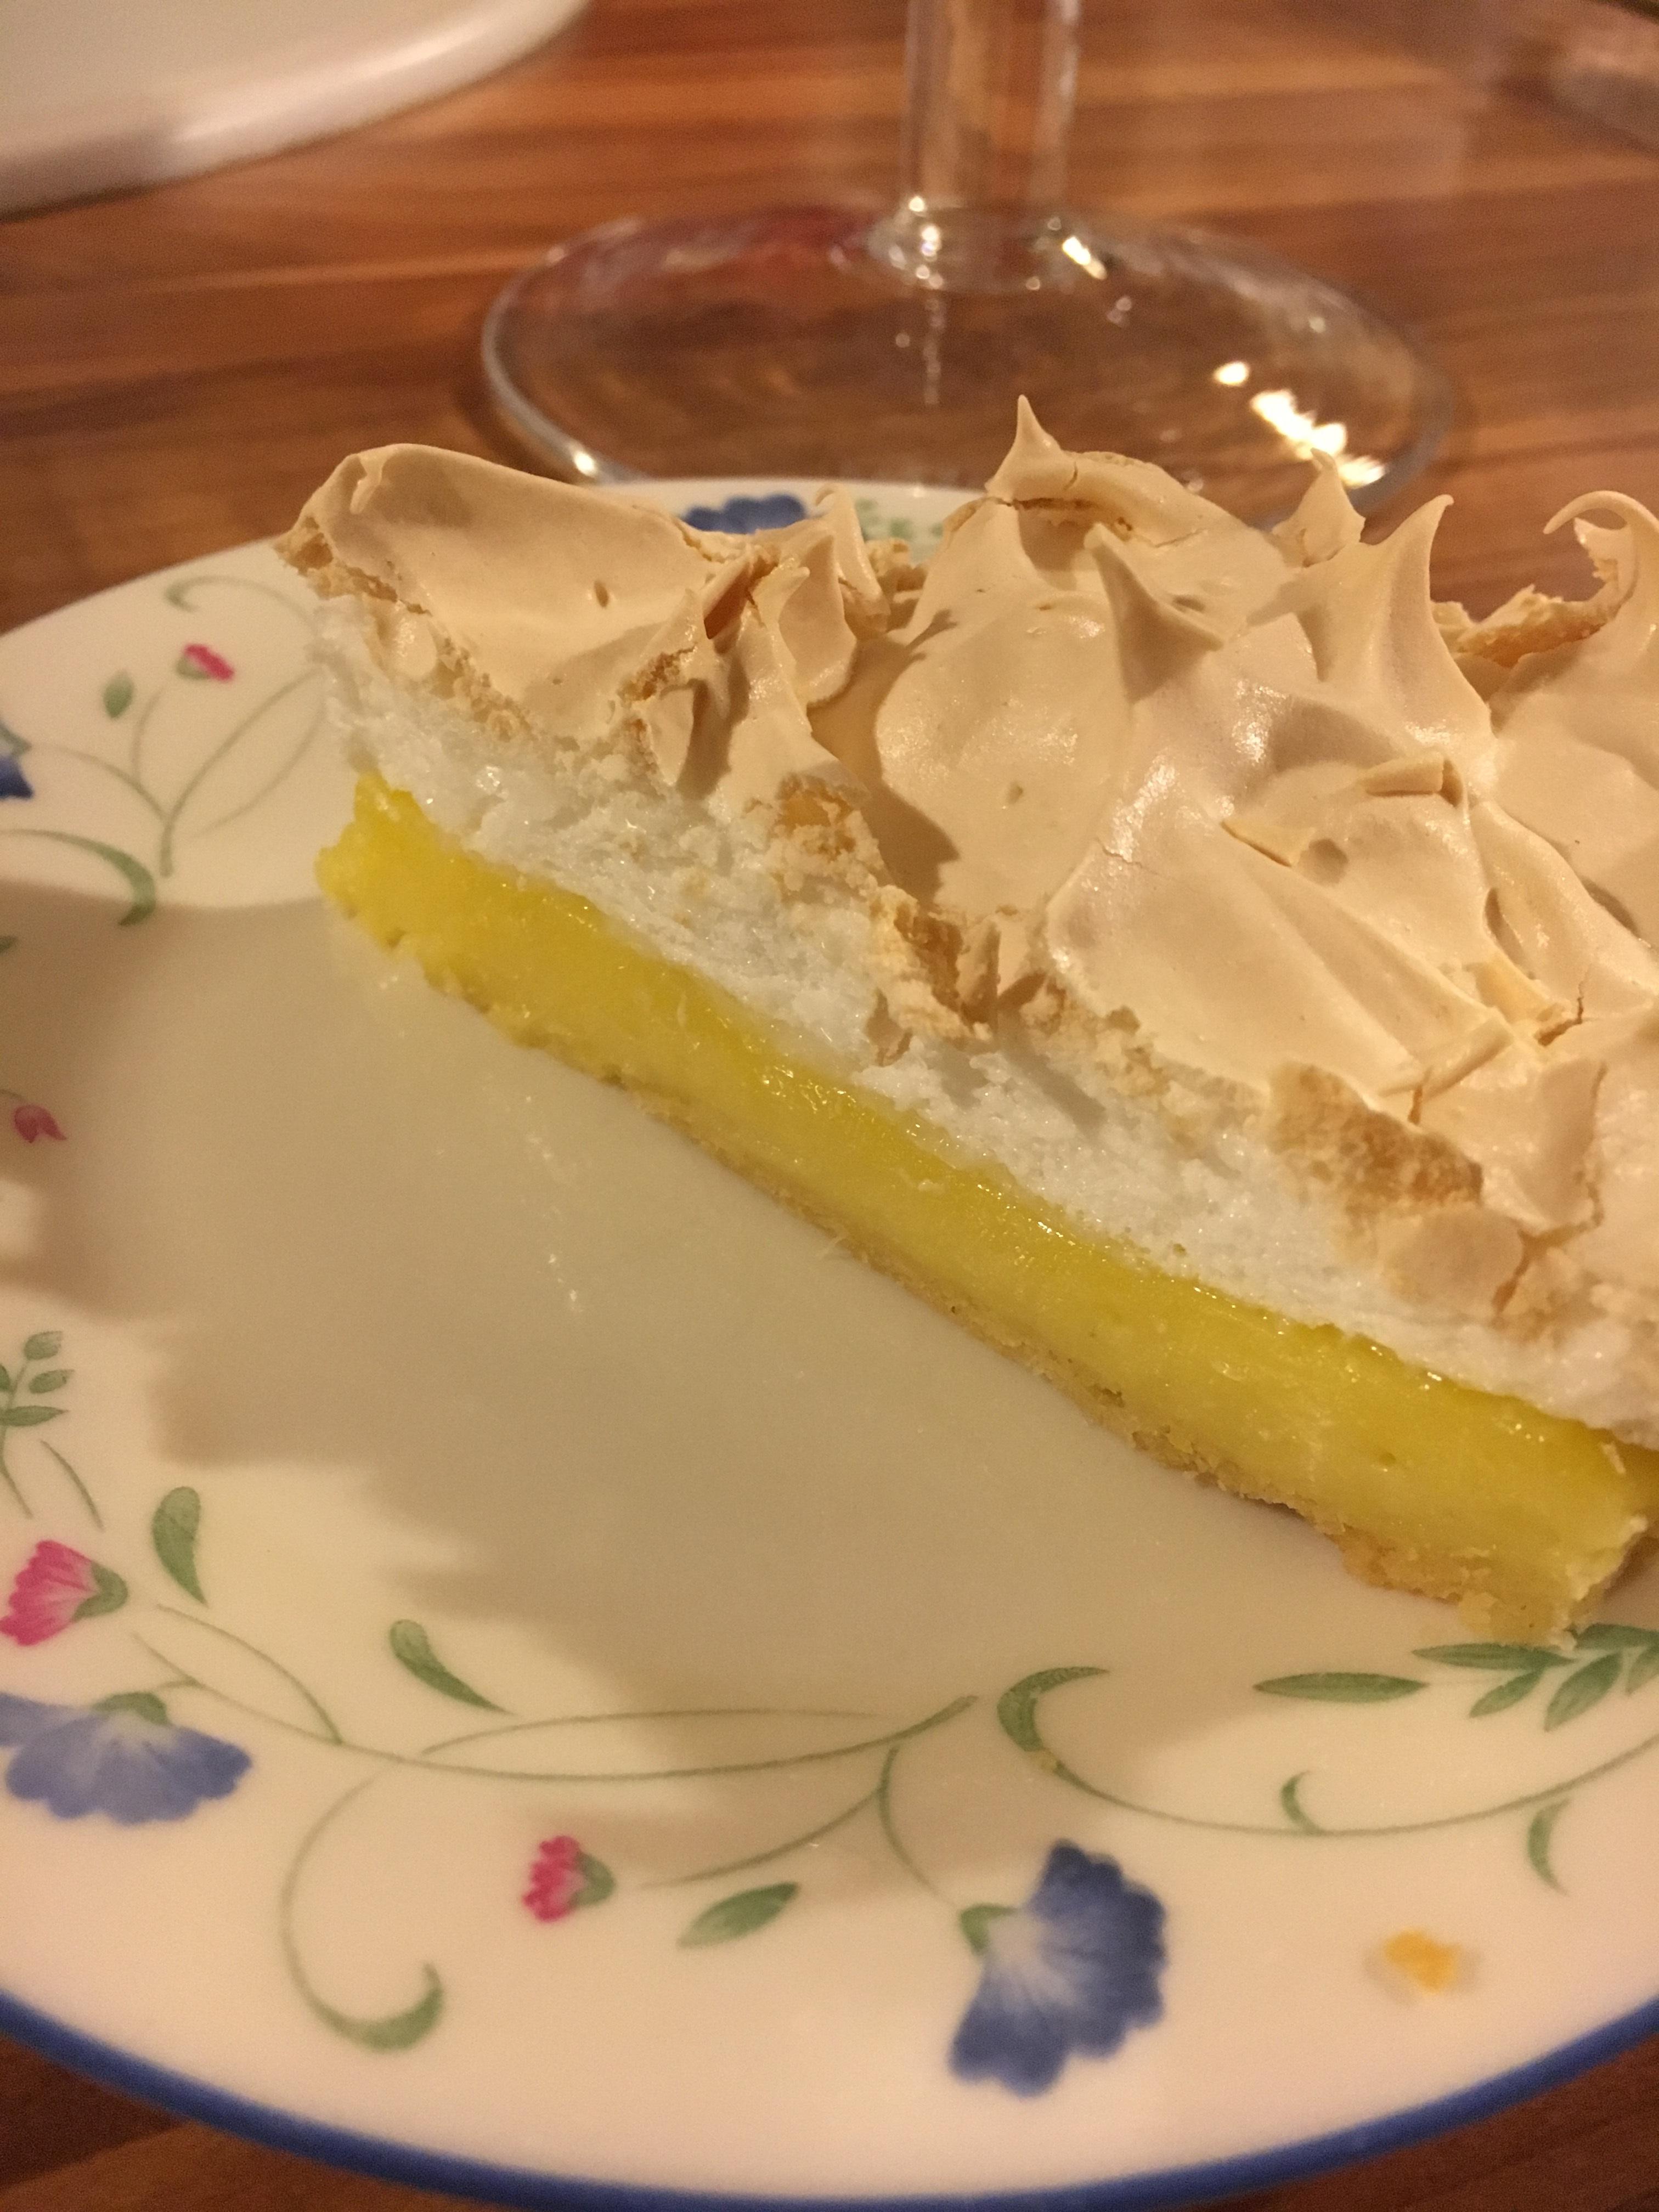 Traditional Lemon Meringue Pie (or Pies)